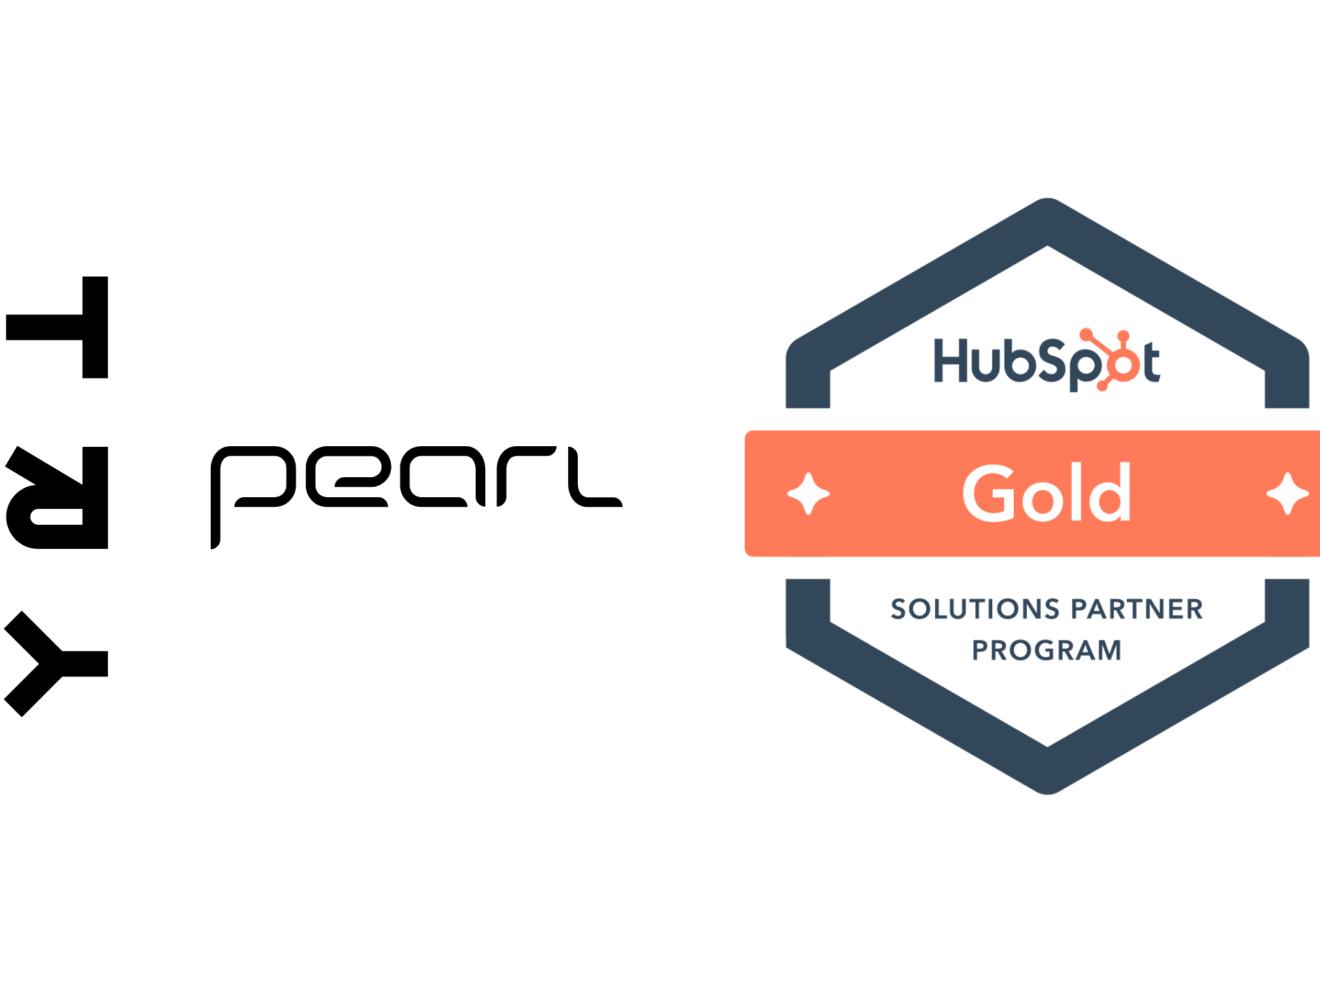 TRY Pearl har i løpet av kort tid blitt HubSpot Gold Partner